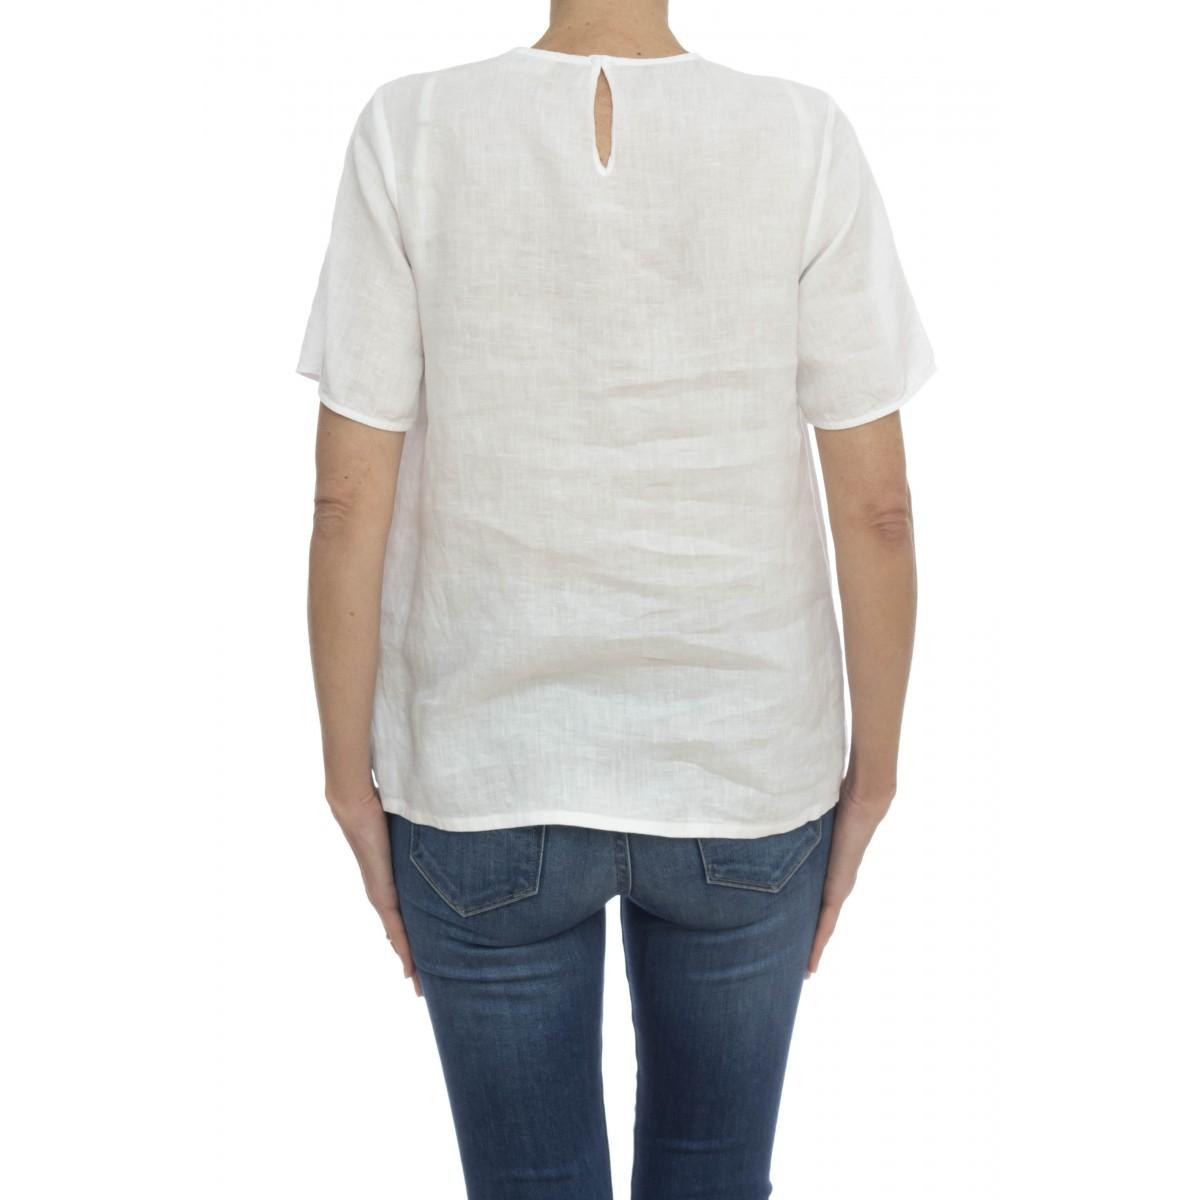 Camicia donna - Kaula l7020  camicia lino